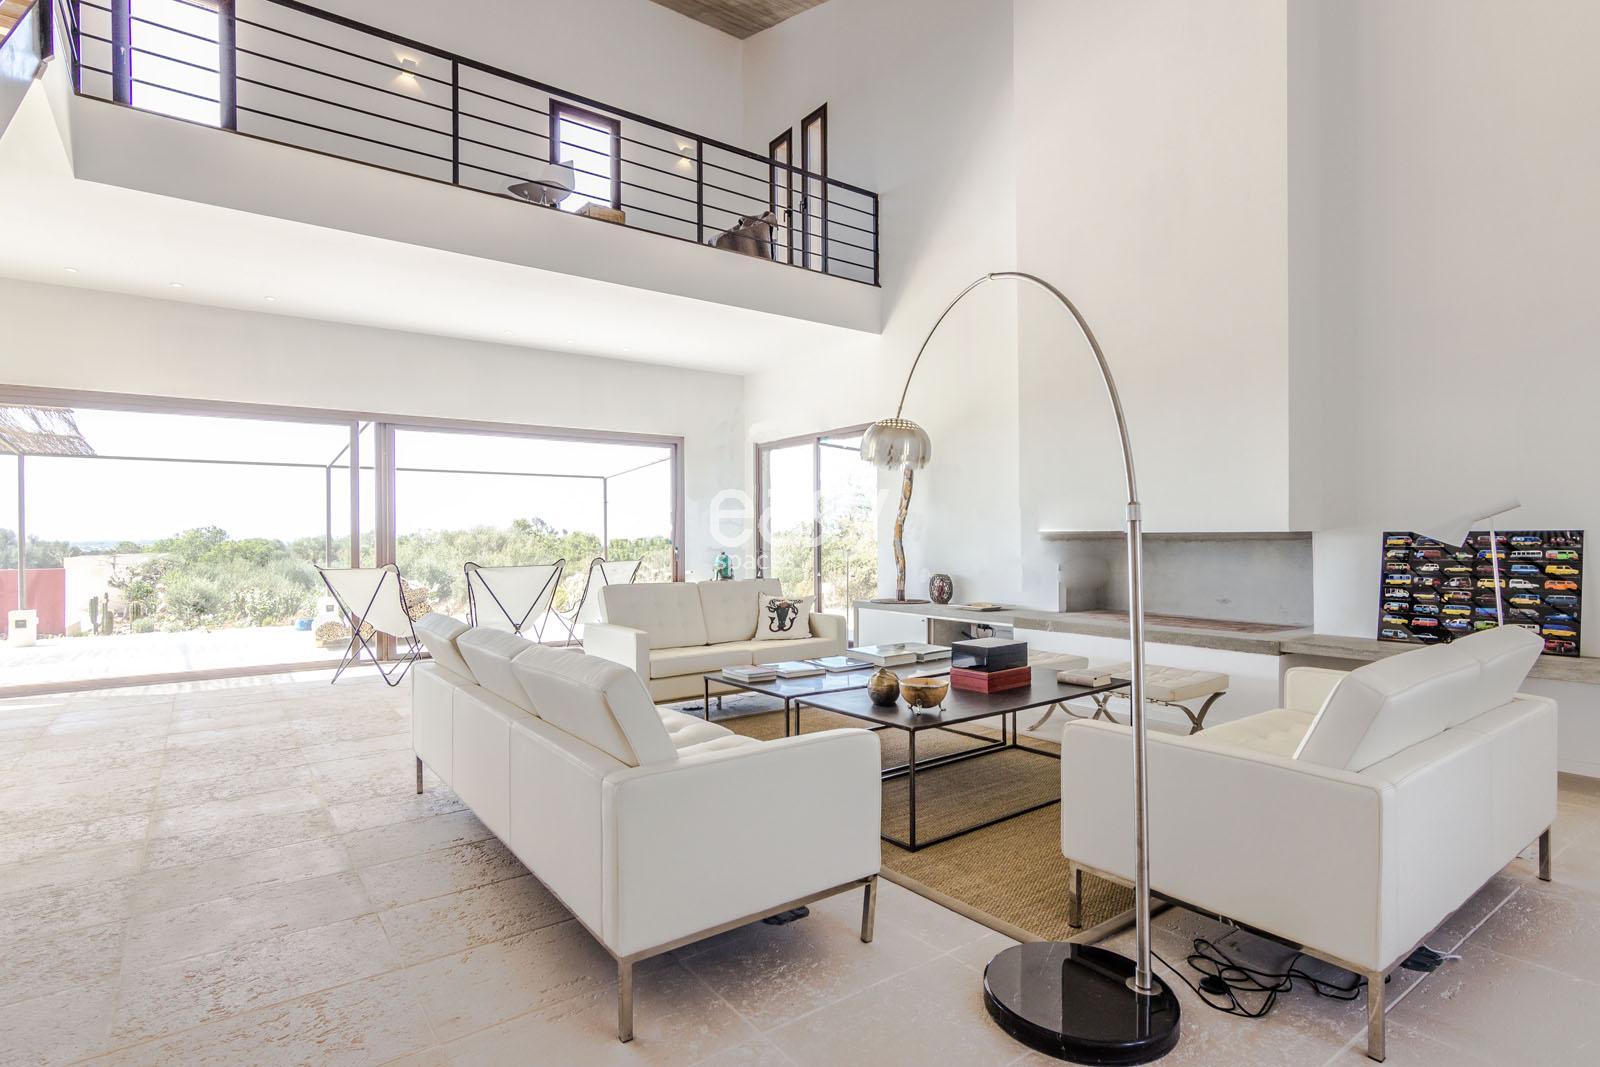 Louer une maison moderne avec piscine pour prises de vues tournages et v nem - Louer sa maison pour tournage ...